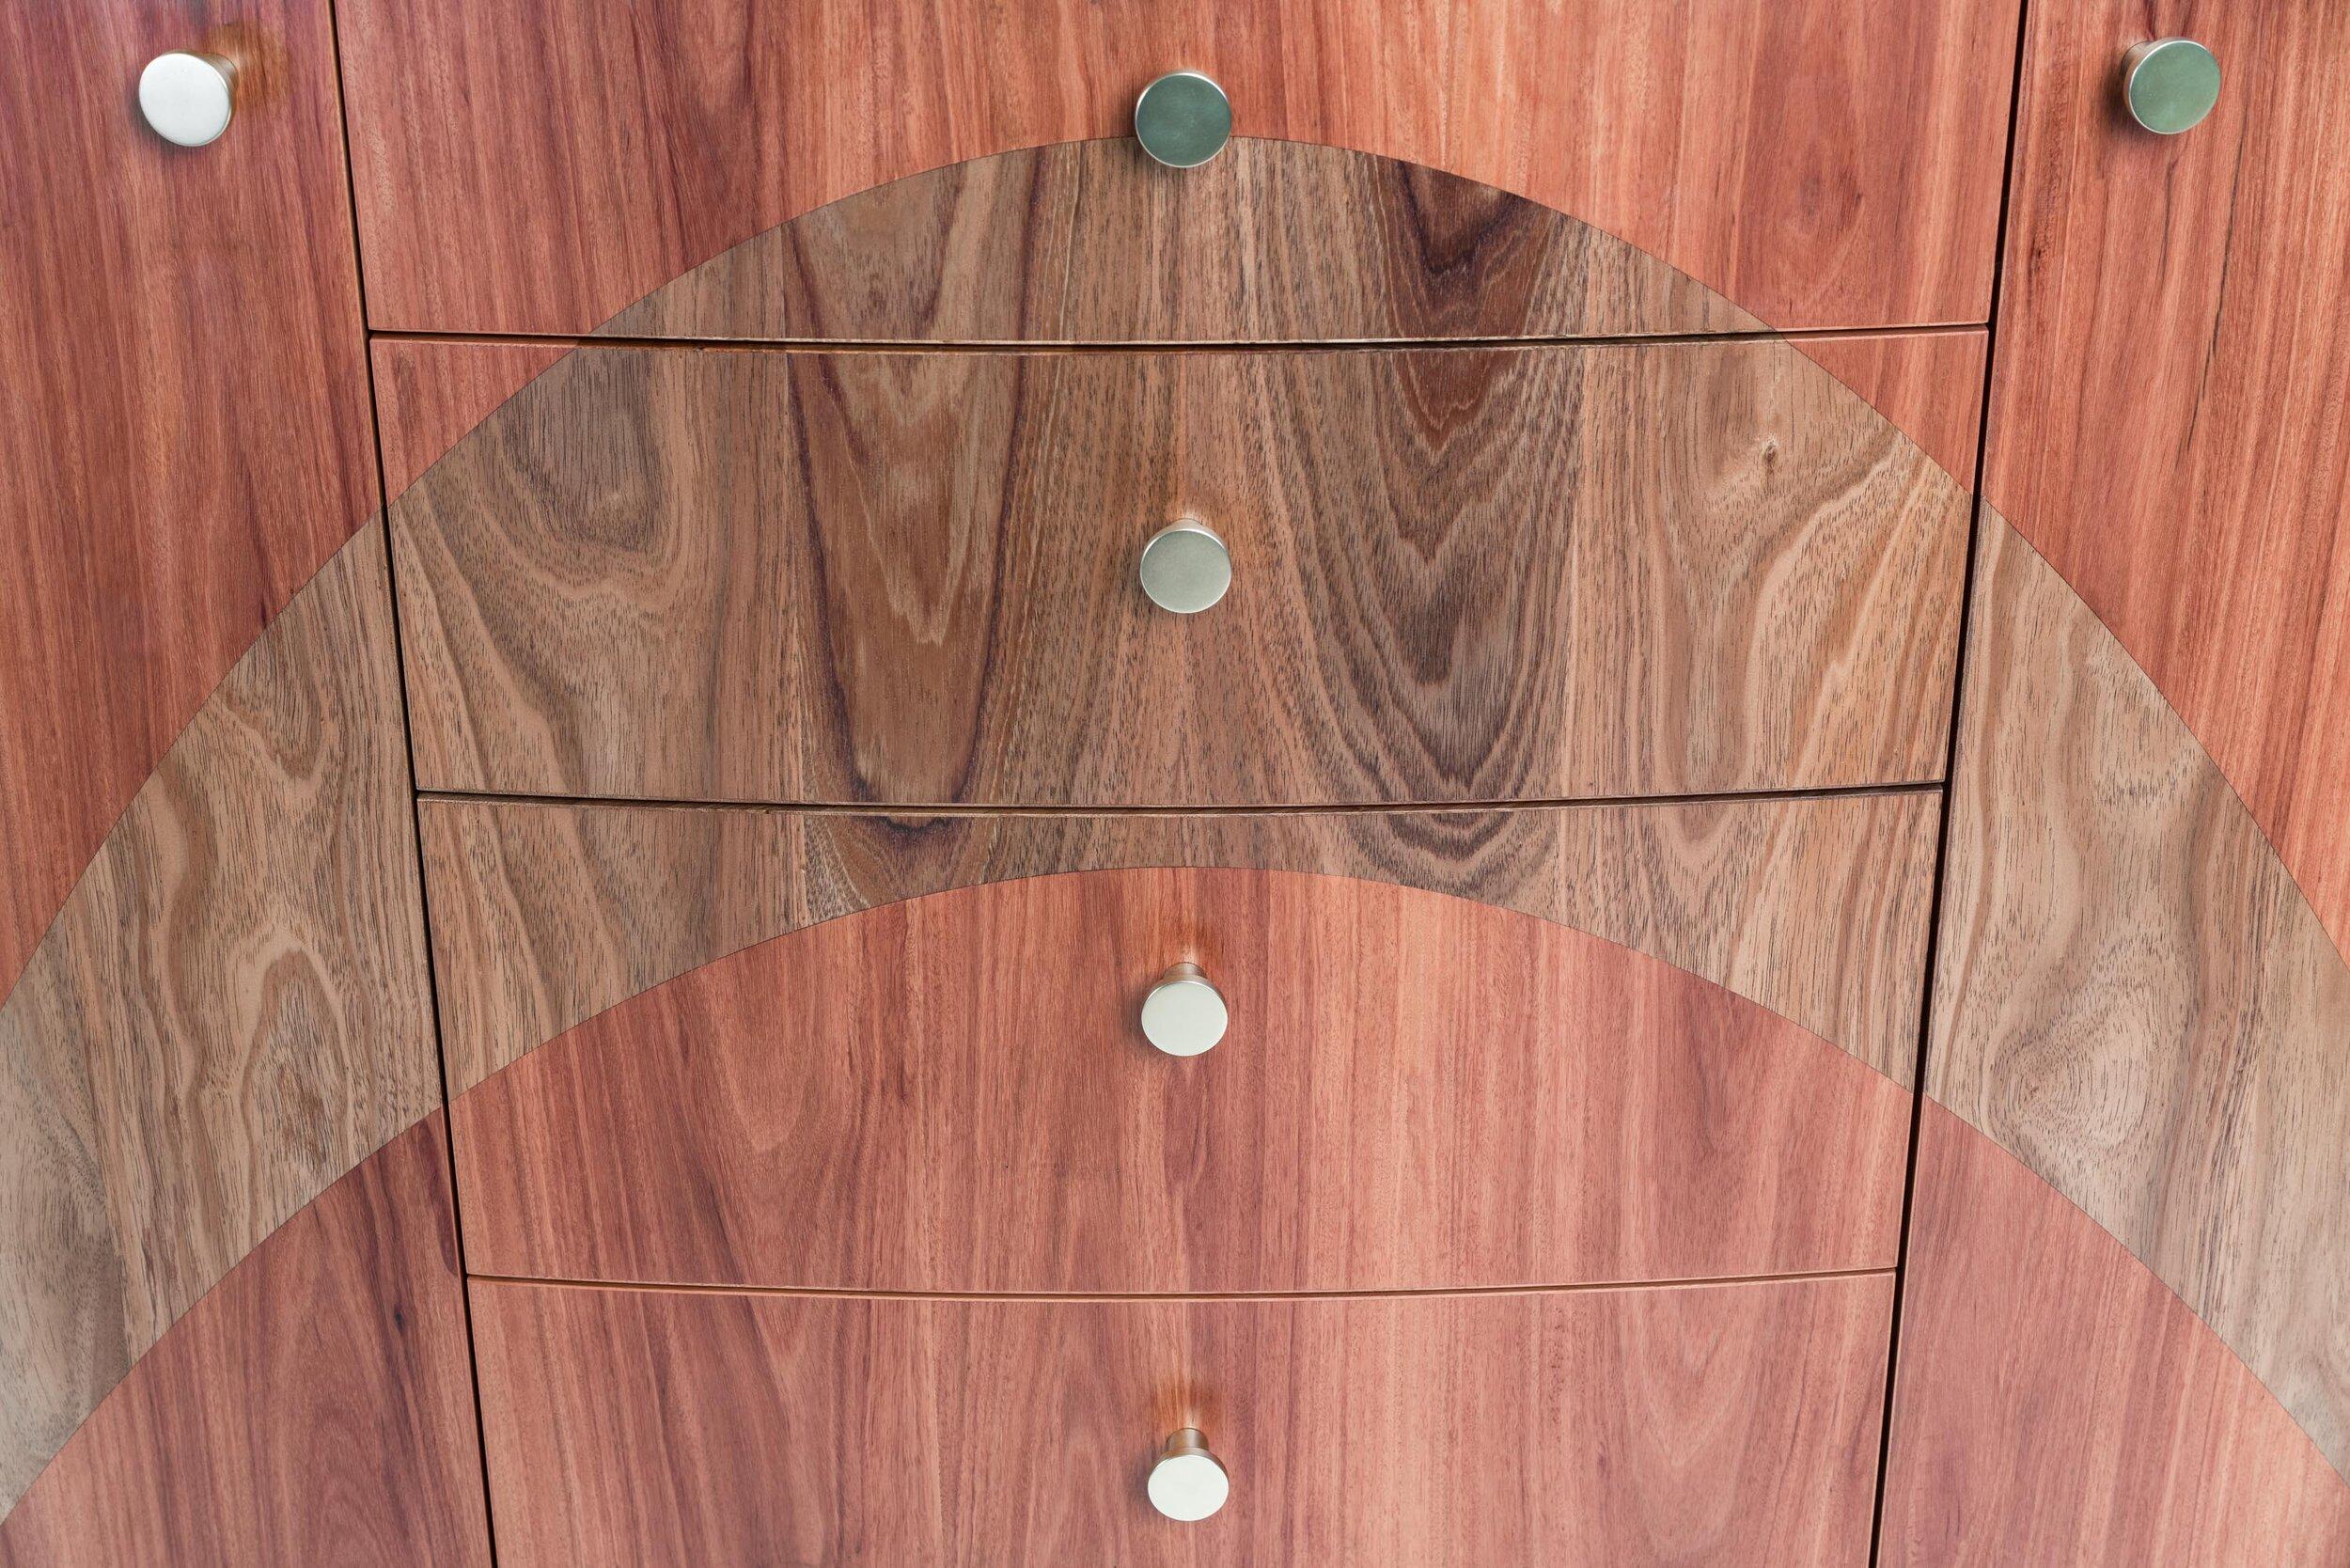 Curved sideboard5.jpg